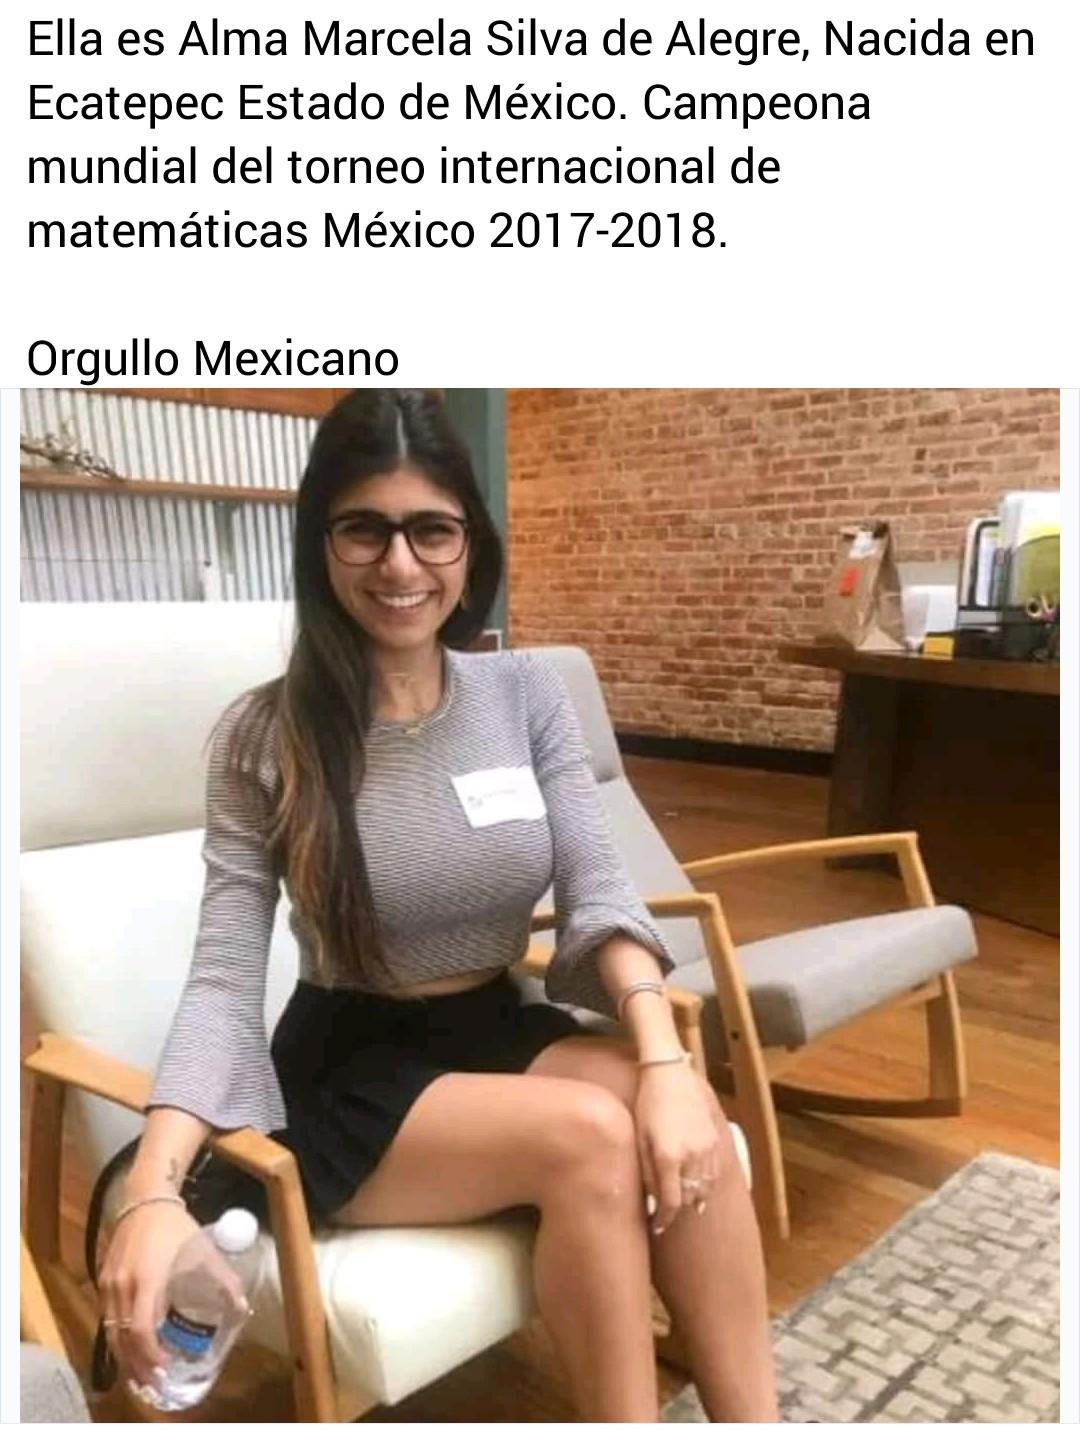 Orgullo mexicano. - meme